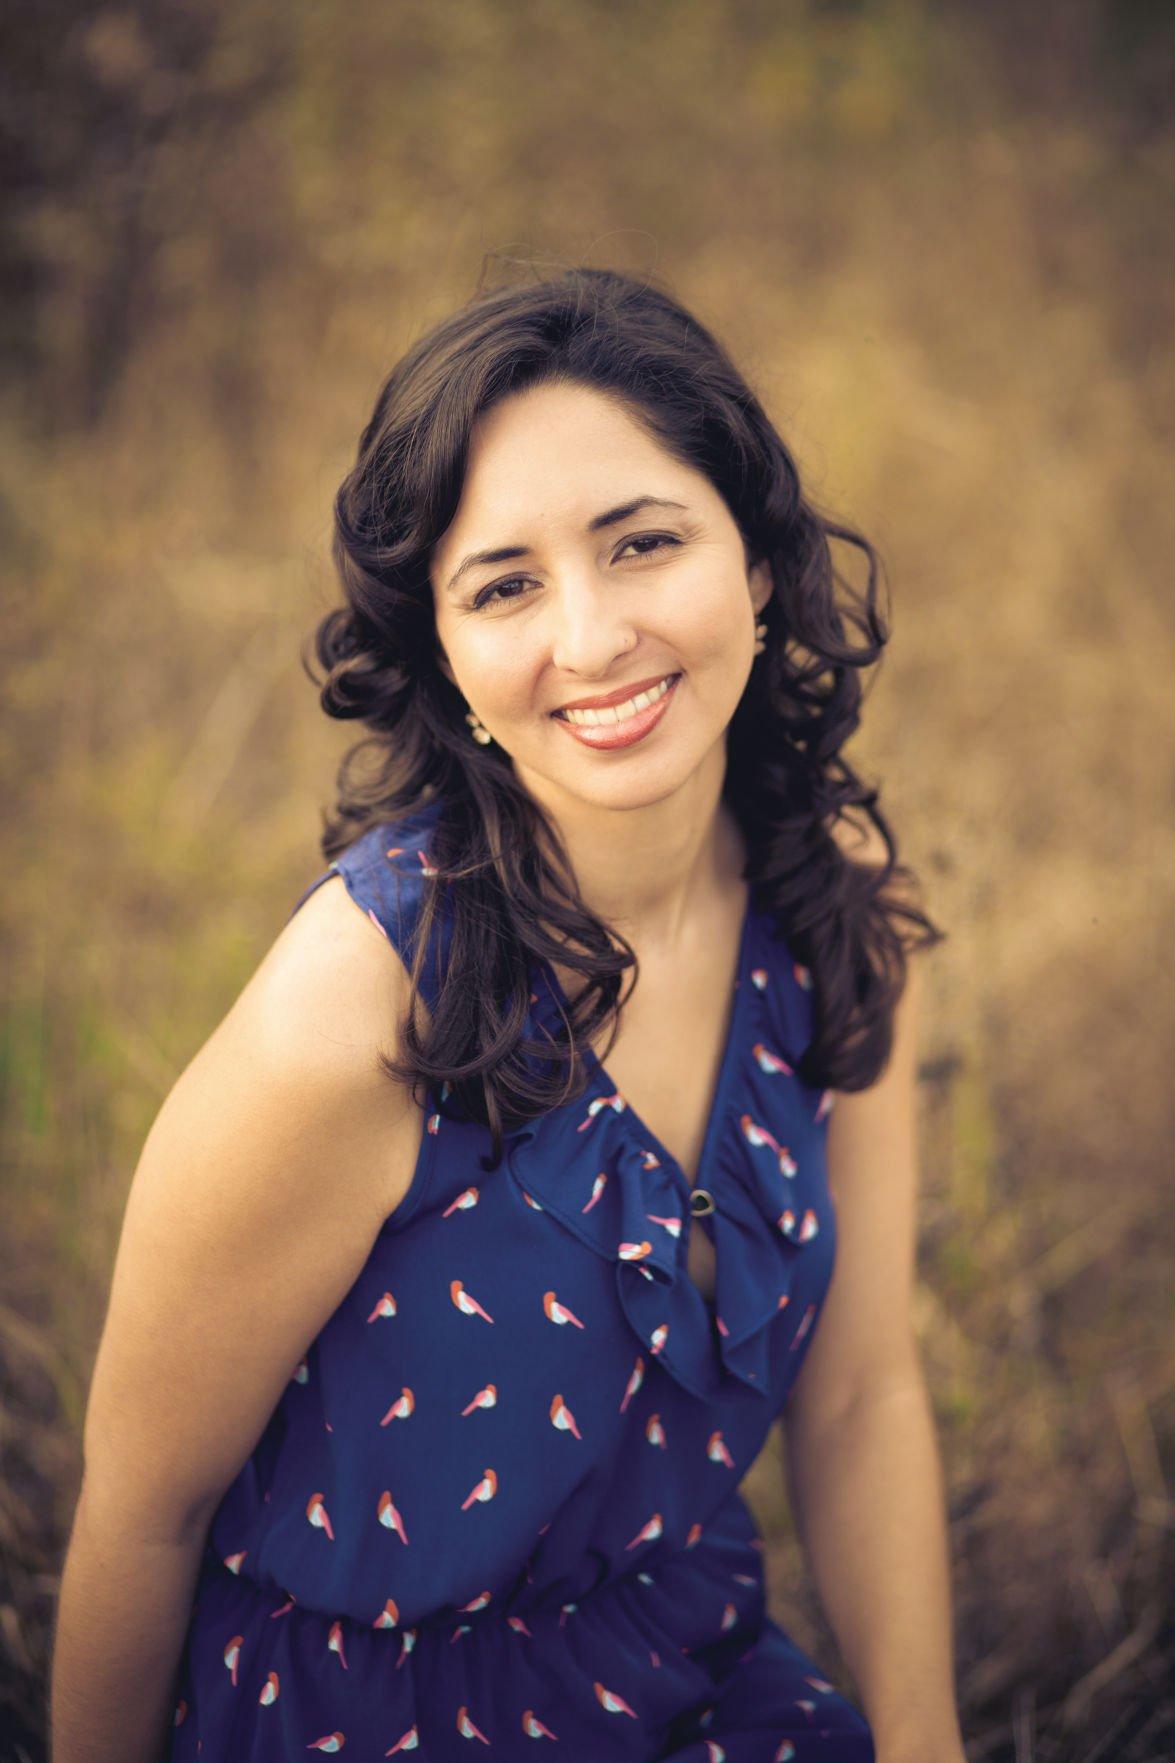 Mayra Cuervas_portrait.JPG